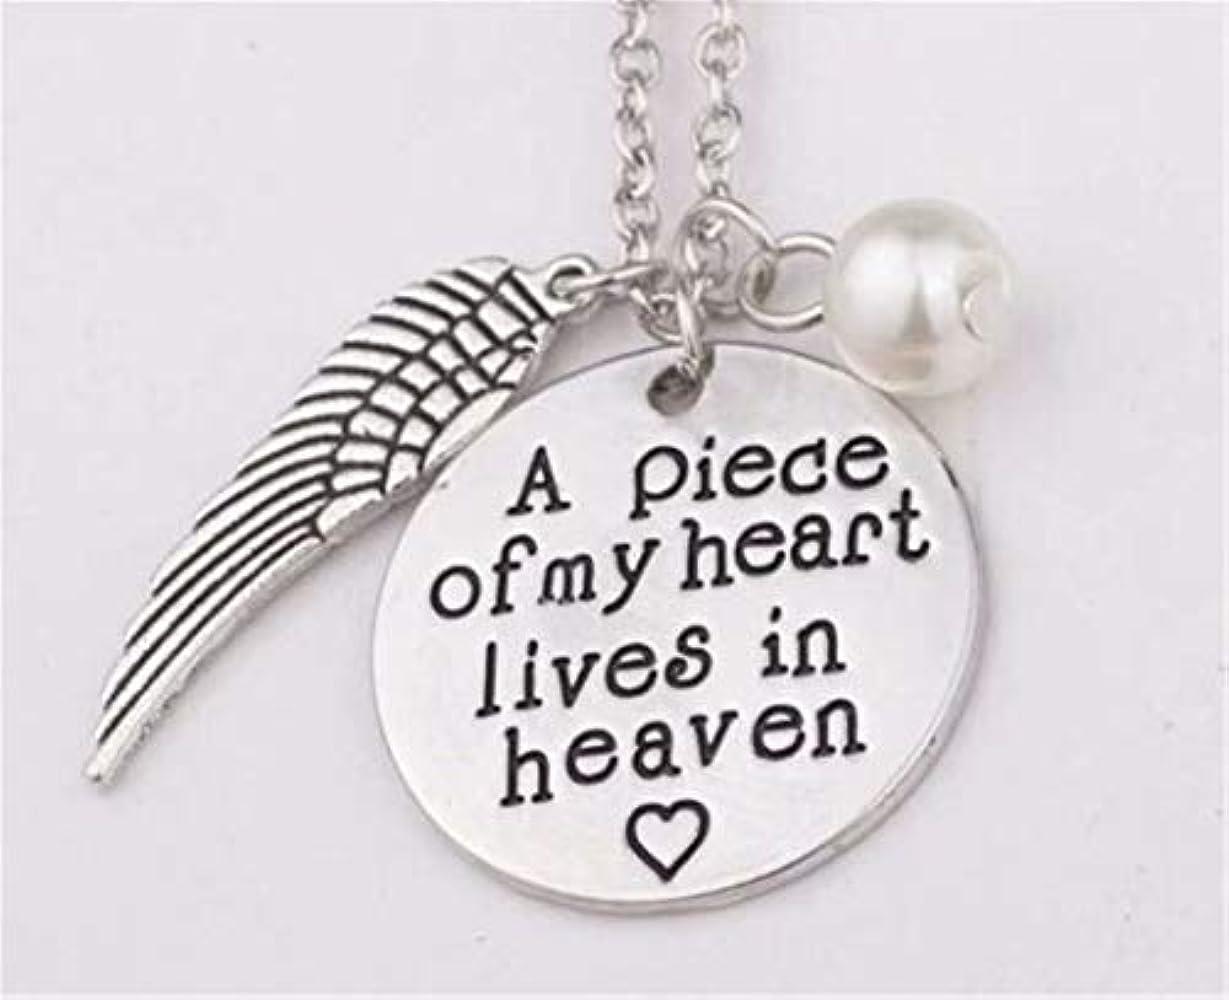 連隊ジャグリング雨の七里の香 ジュエリーA Piece of My Heart Lives in Heaven刻印ペンダントネックレスエンジェルウィング